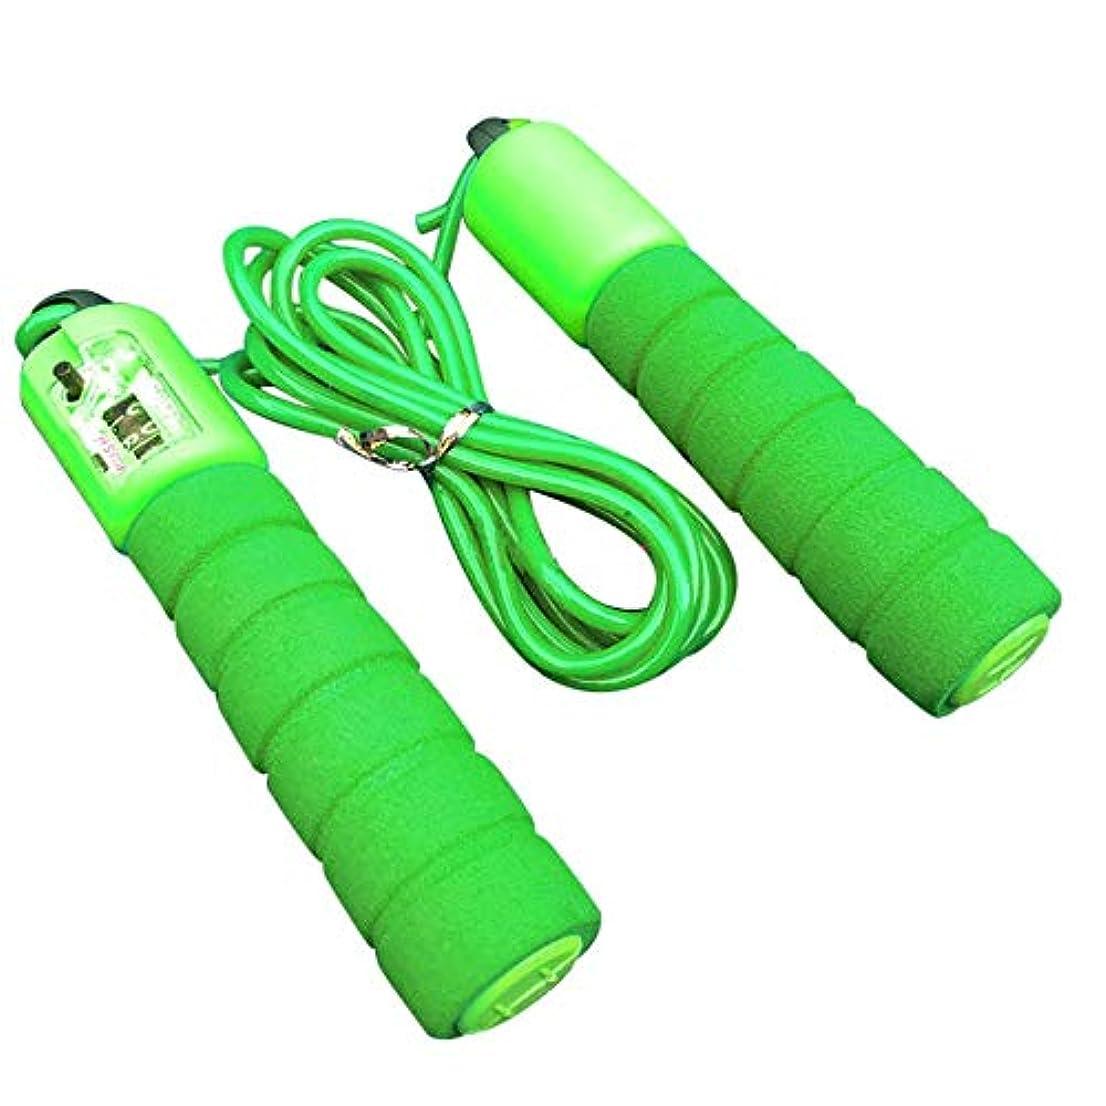 レギュラー症状パキスタン人調節可能なプロフェッショナルカウント縄跳び自動カウントジャンプロープフィットネス運動高速カウントジャンプロープ - グリーン